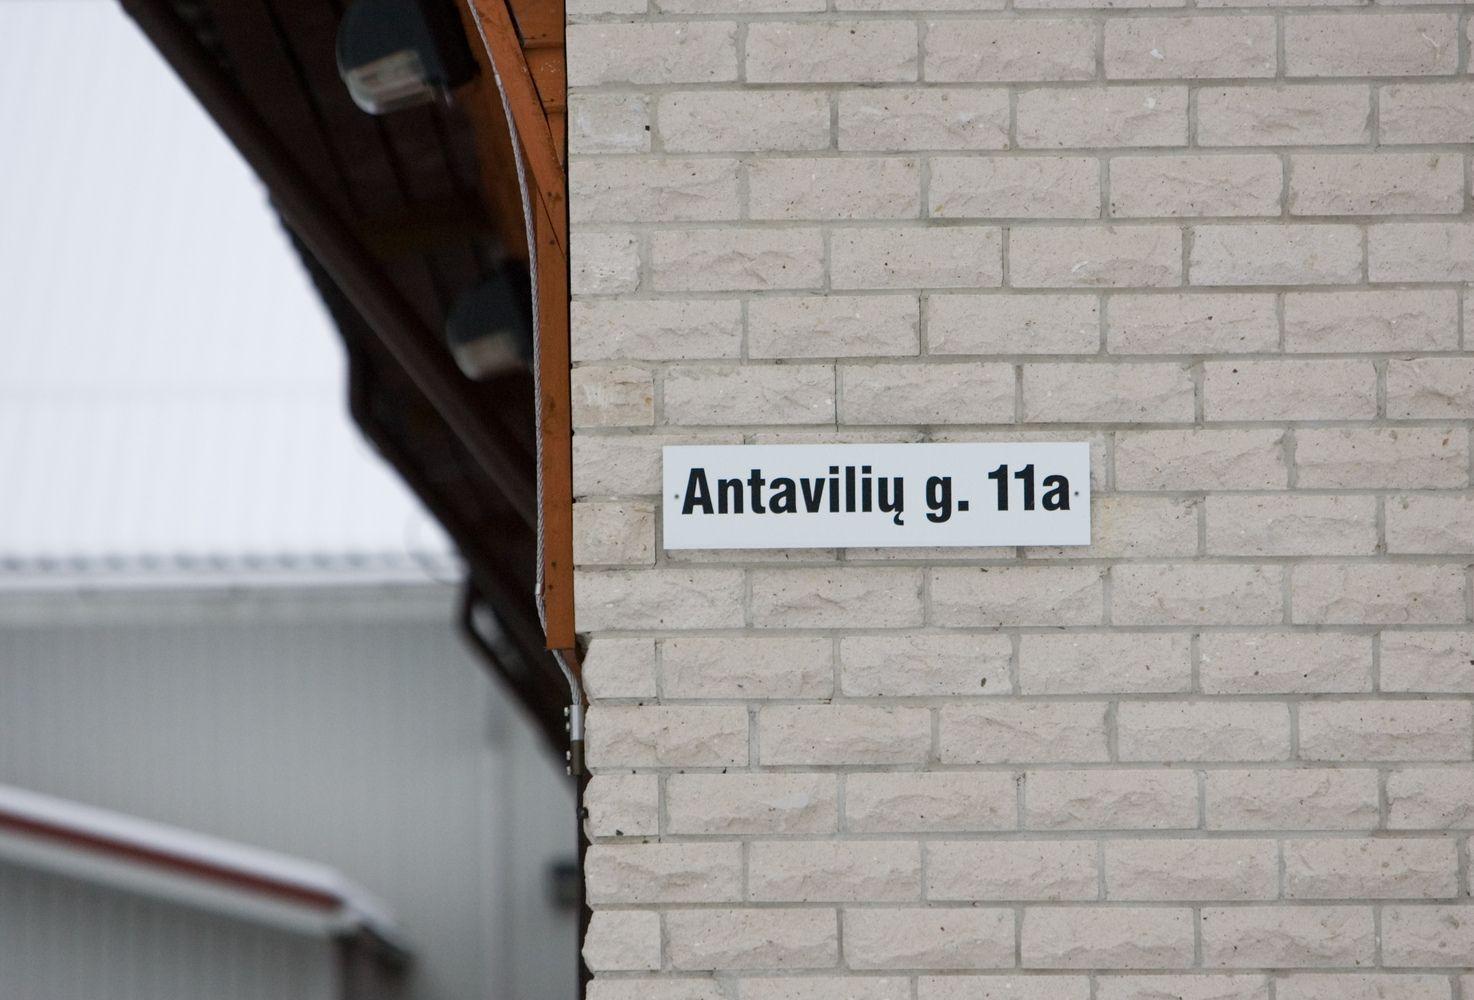 Lietuva bylinėsis antroje CŽV kalėjimo byloje